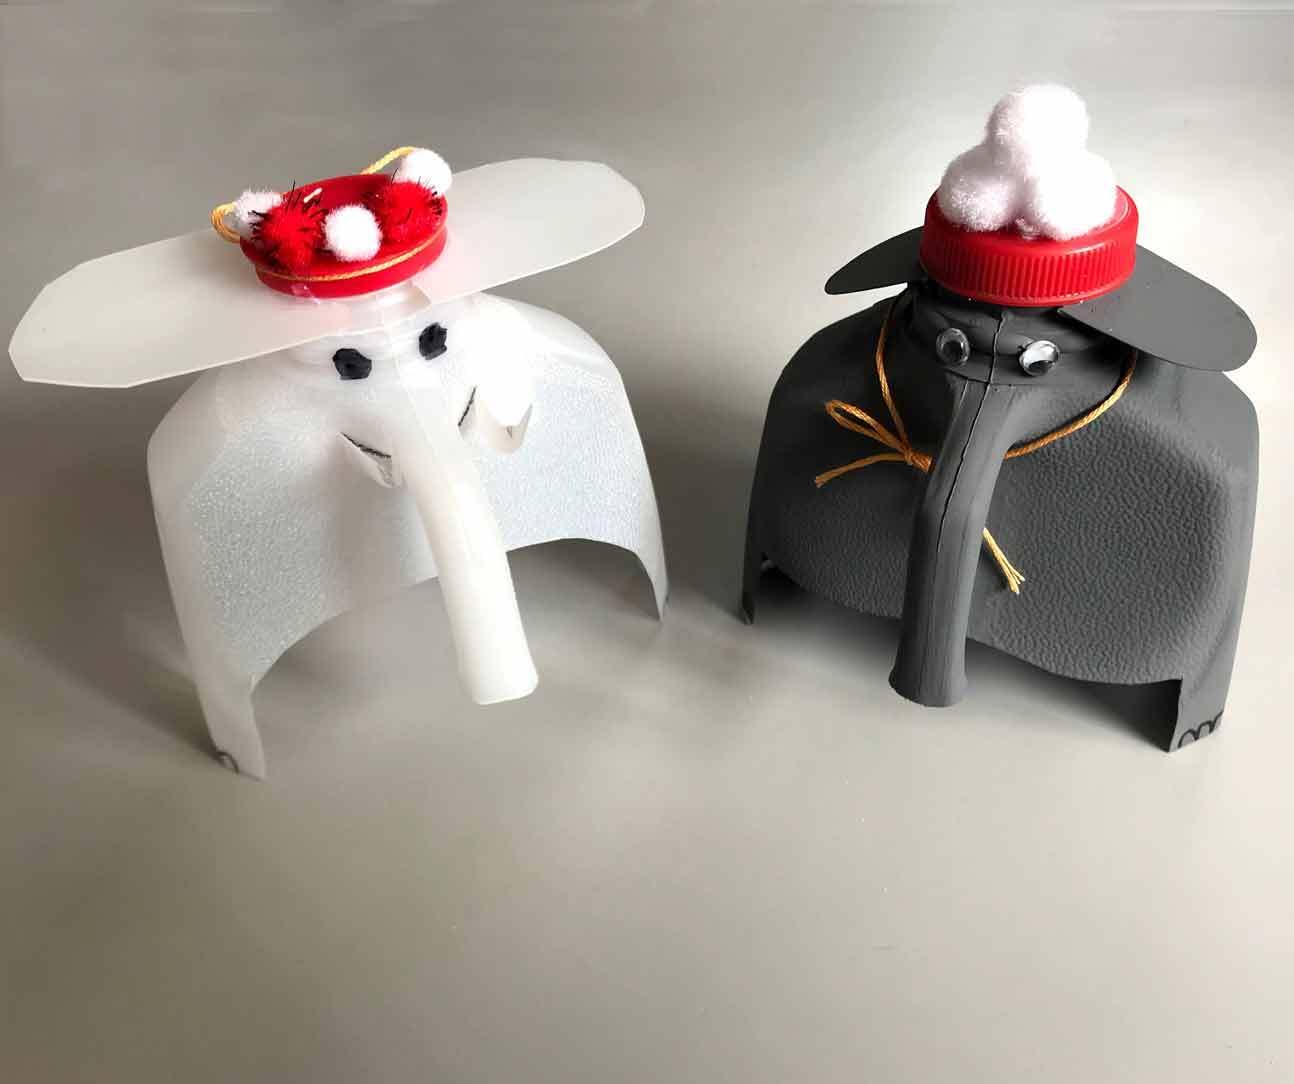 Make a milk jug elephant